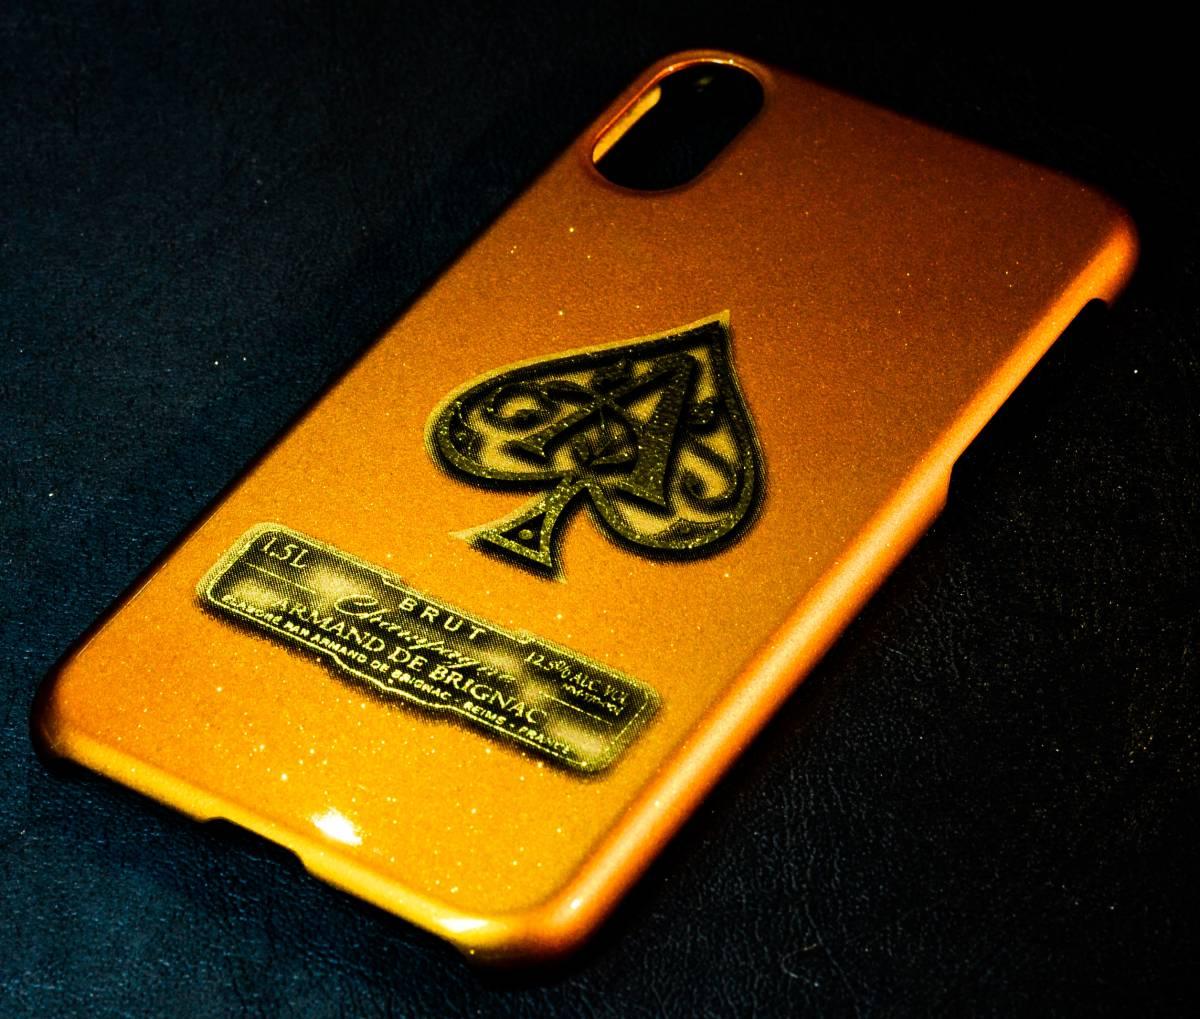 iPhoneX ケース カバー カスタムペイント キャンディゴールド ラメ フレーク アルマンド ARMAND アイコス カスタム